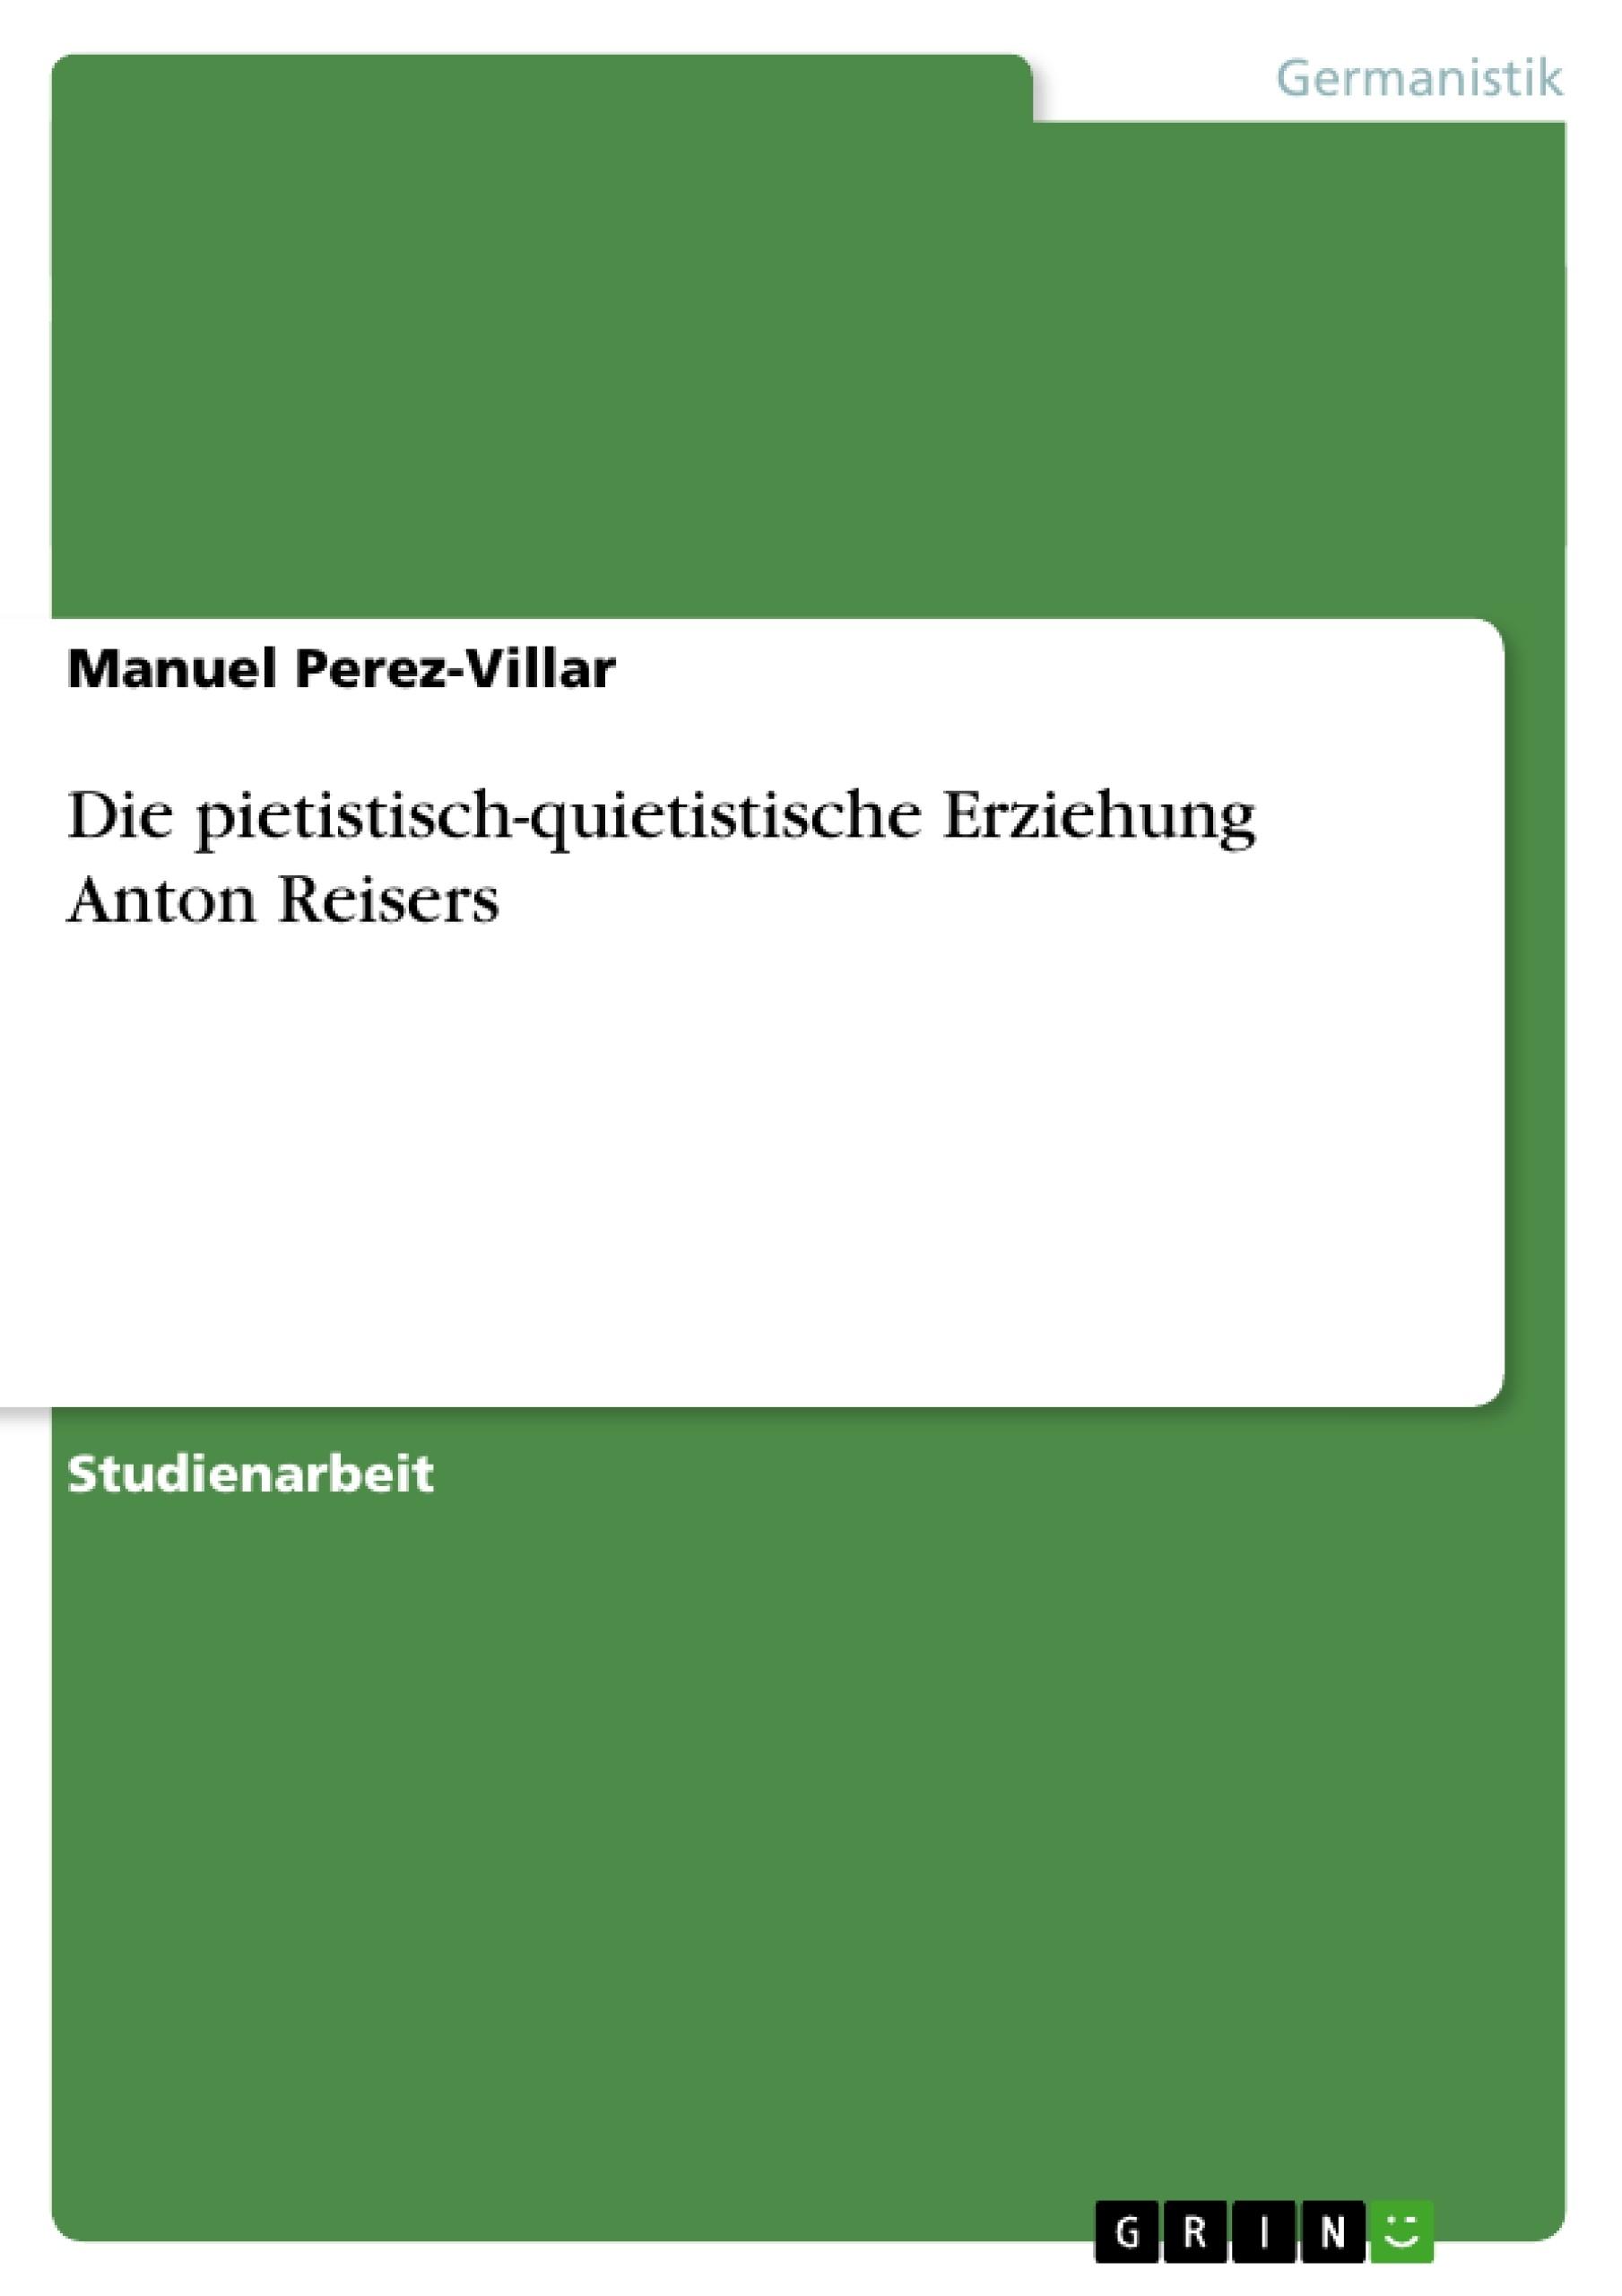 Titel: Die pietistisch-quietistische Erziehung Anton Reisers